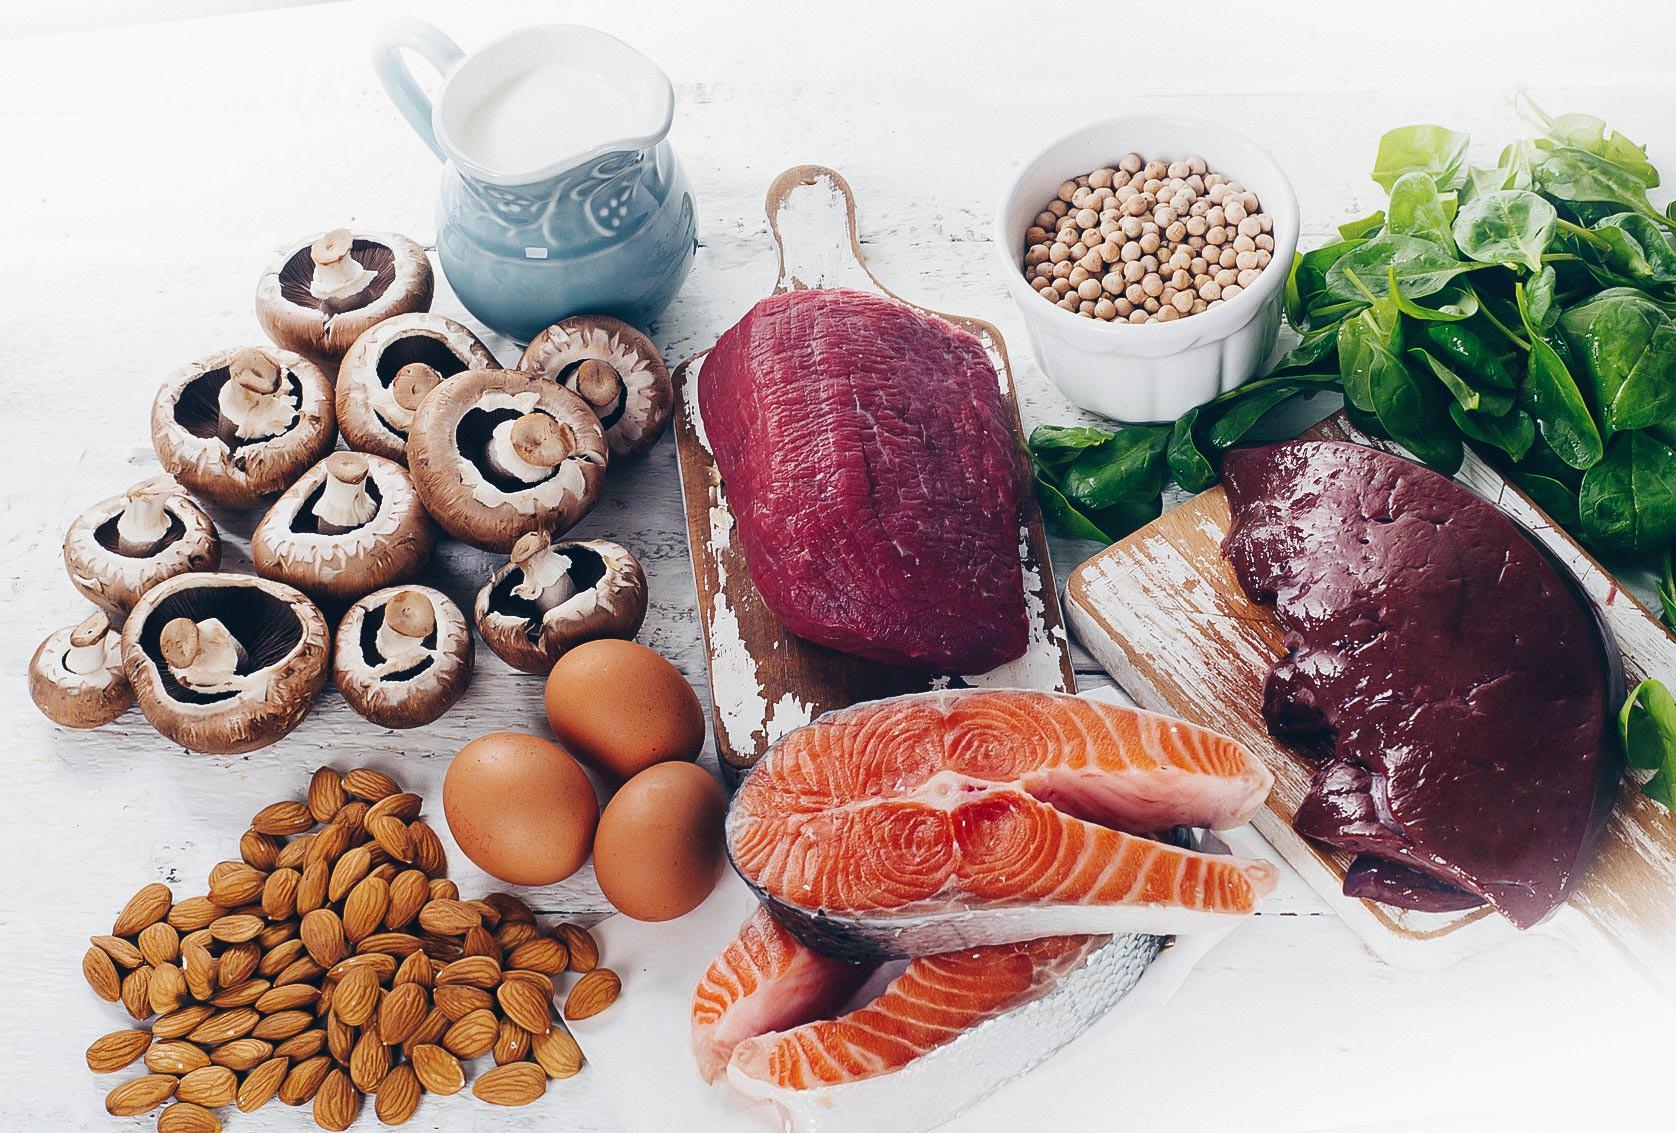 Vitamin B, warum ist vitamin b wichtig, vitamin b vorkommen, nahrungsergänzungsmittel, vitamin Abc, vitamin b12 für veganer, vitamin b vorkommen, vitamin b Mangel, Erfahrungsbericht, Beauty Blog, Beauty Magazin, www.whoismocca.com